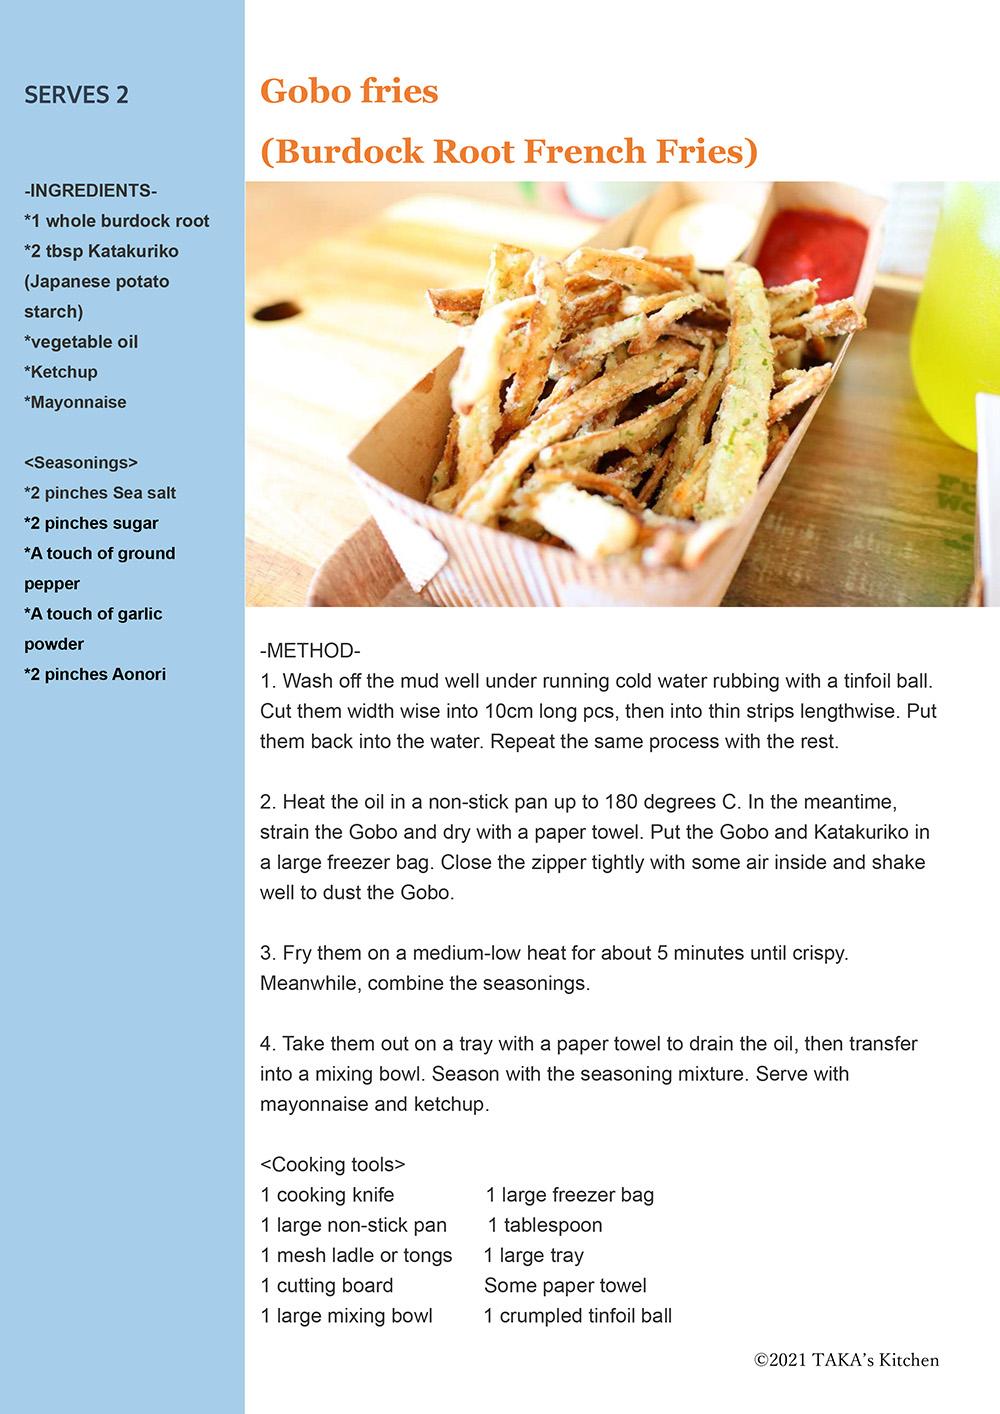 Gobo fries